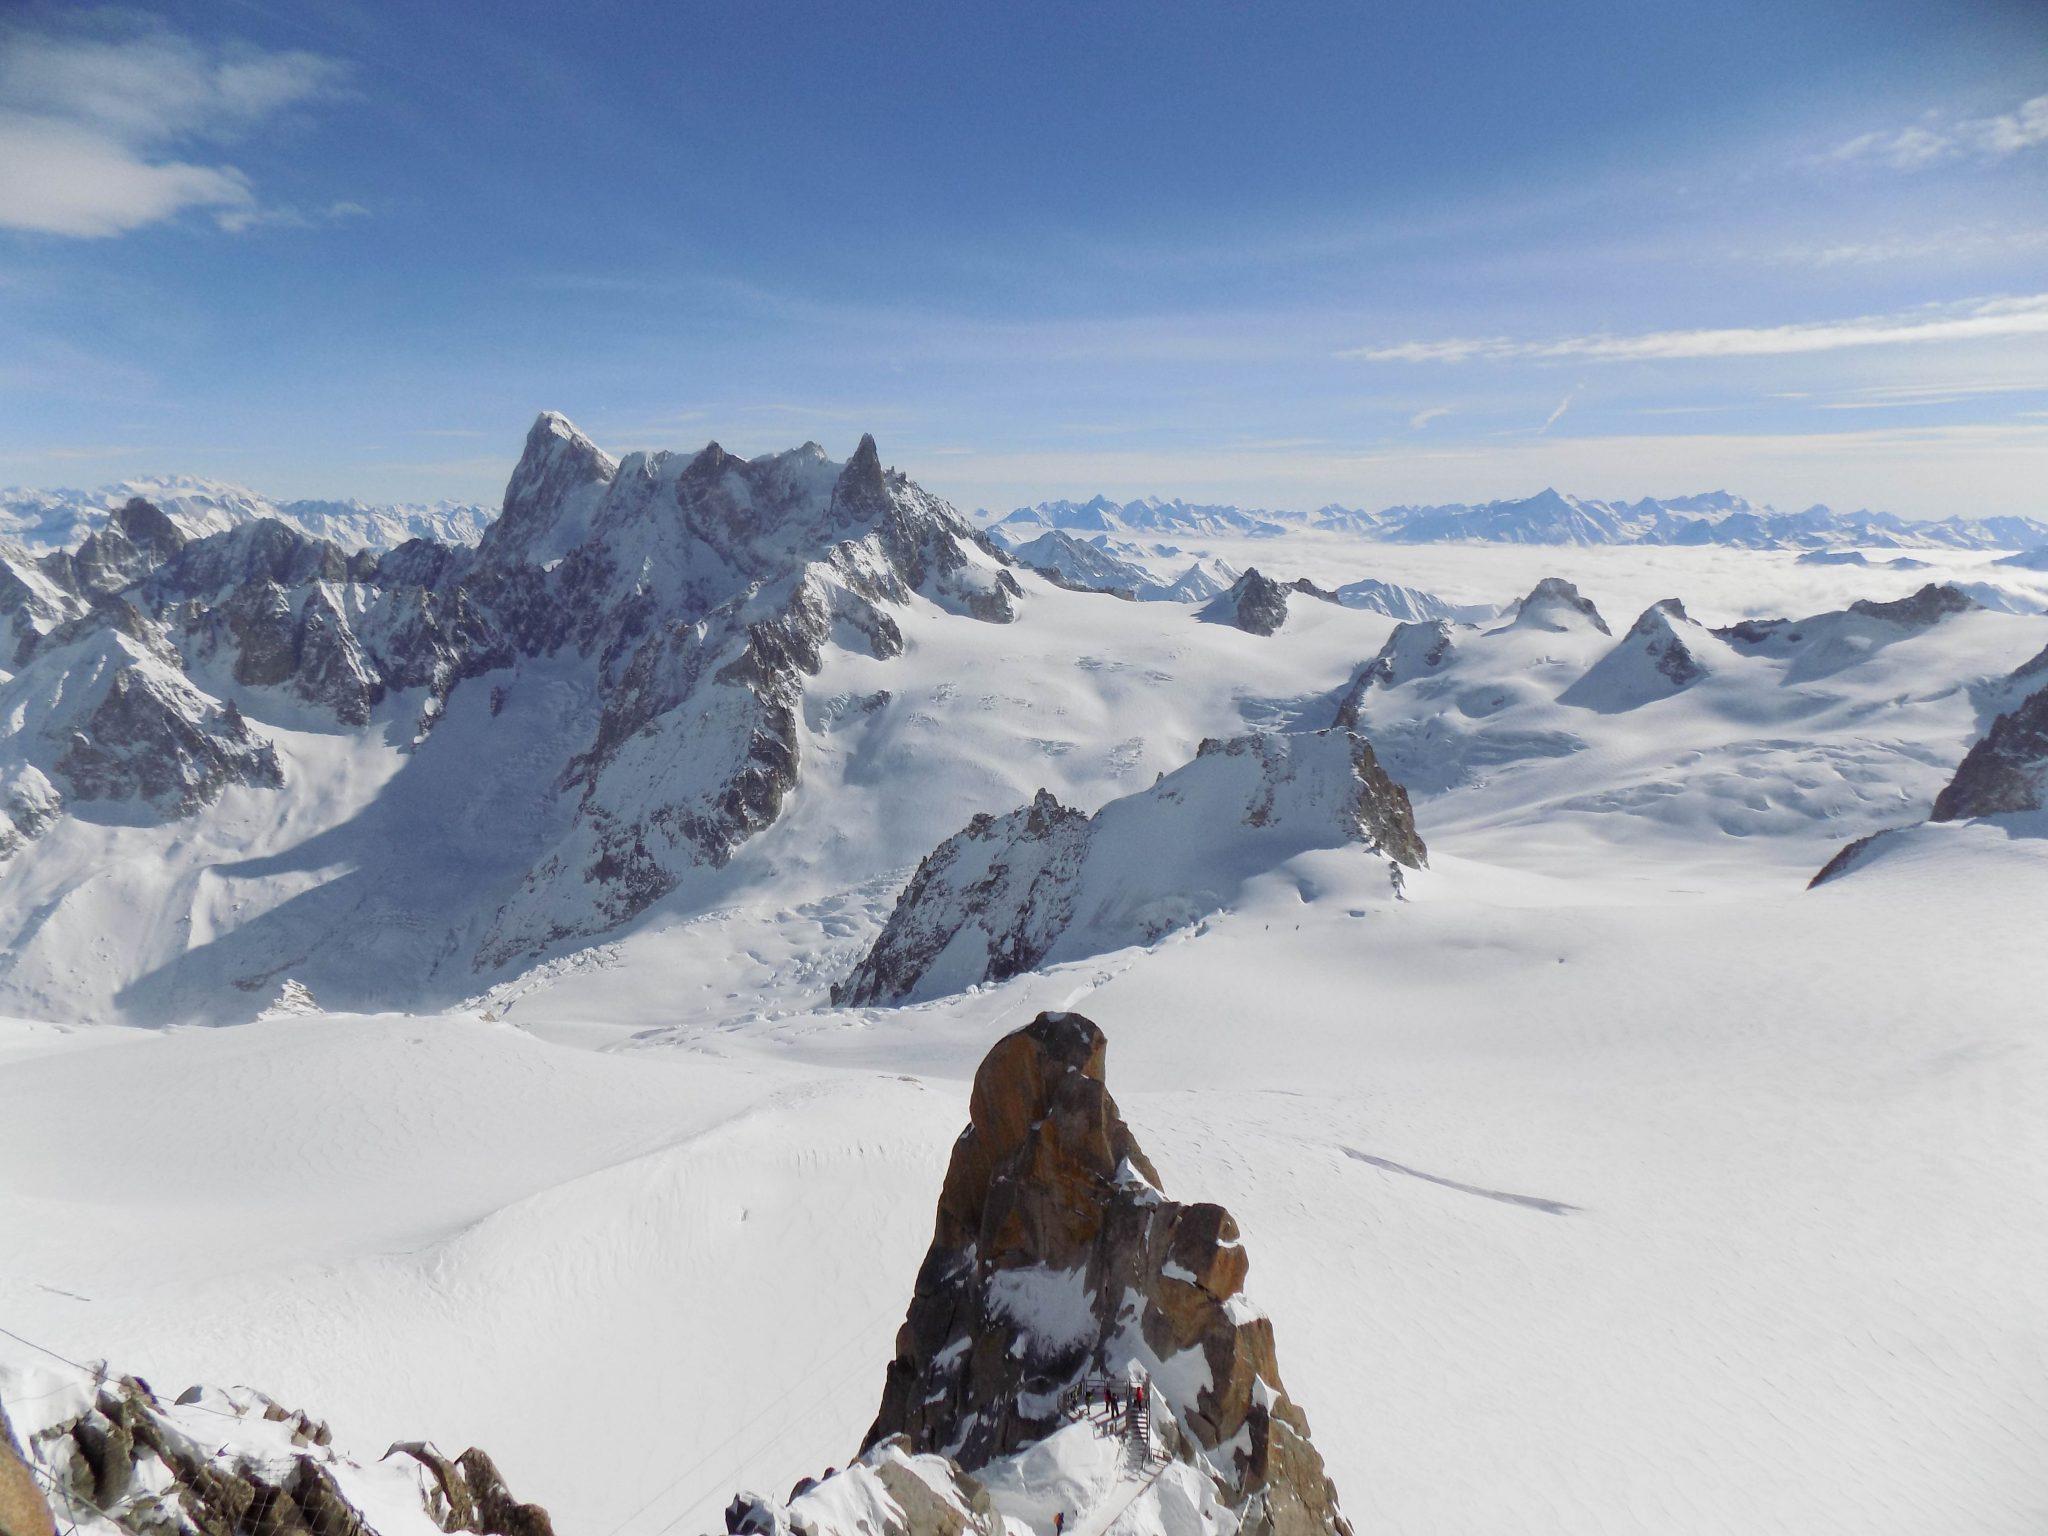 Dicas do Aiguille du Midi em Chamonix